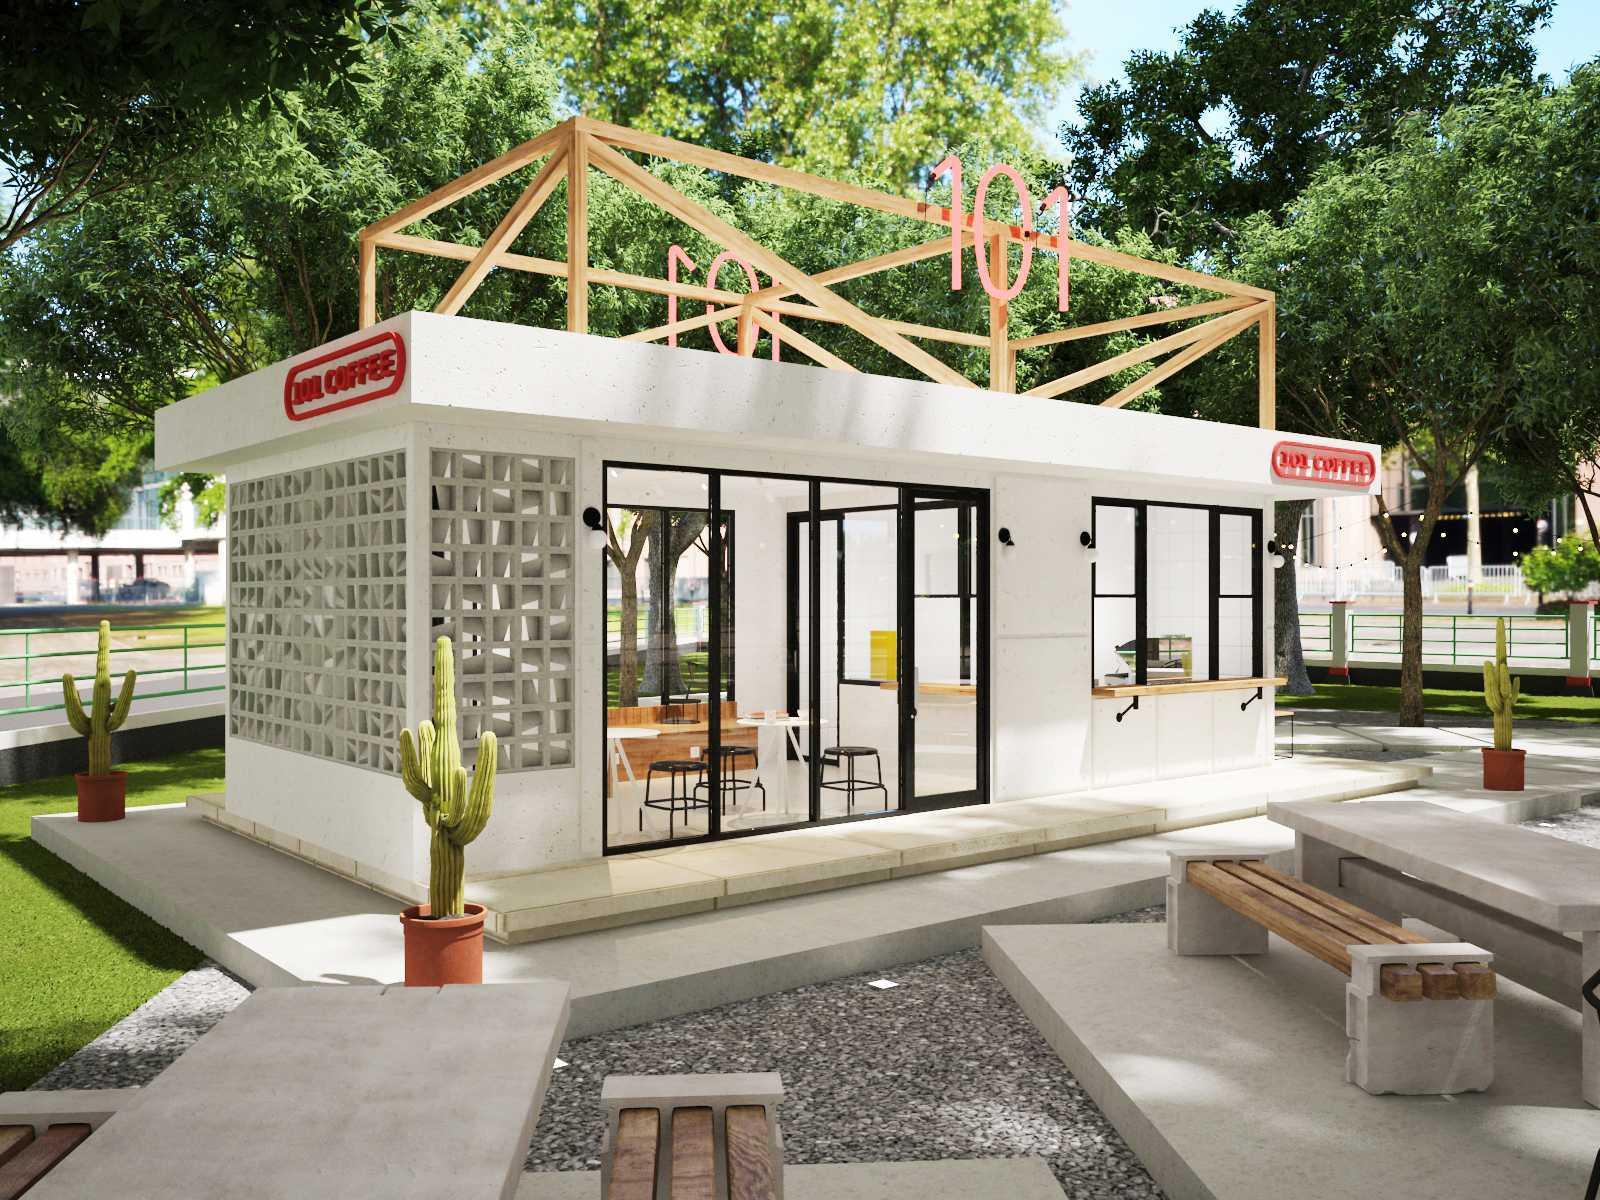 Jasa Design and Build Hands di Banjarmasin